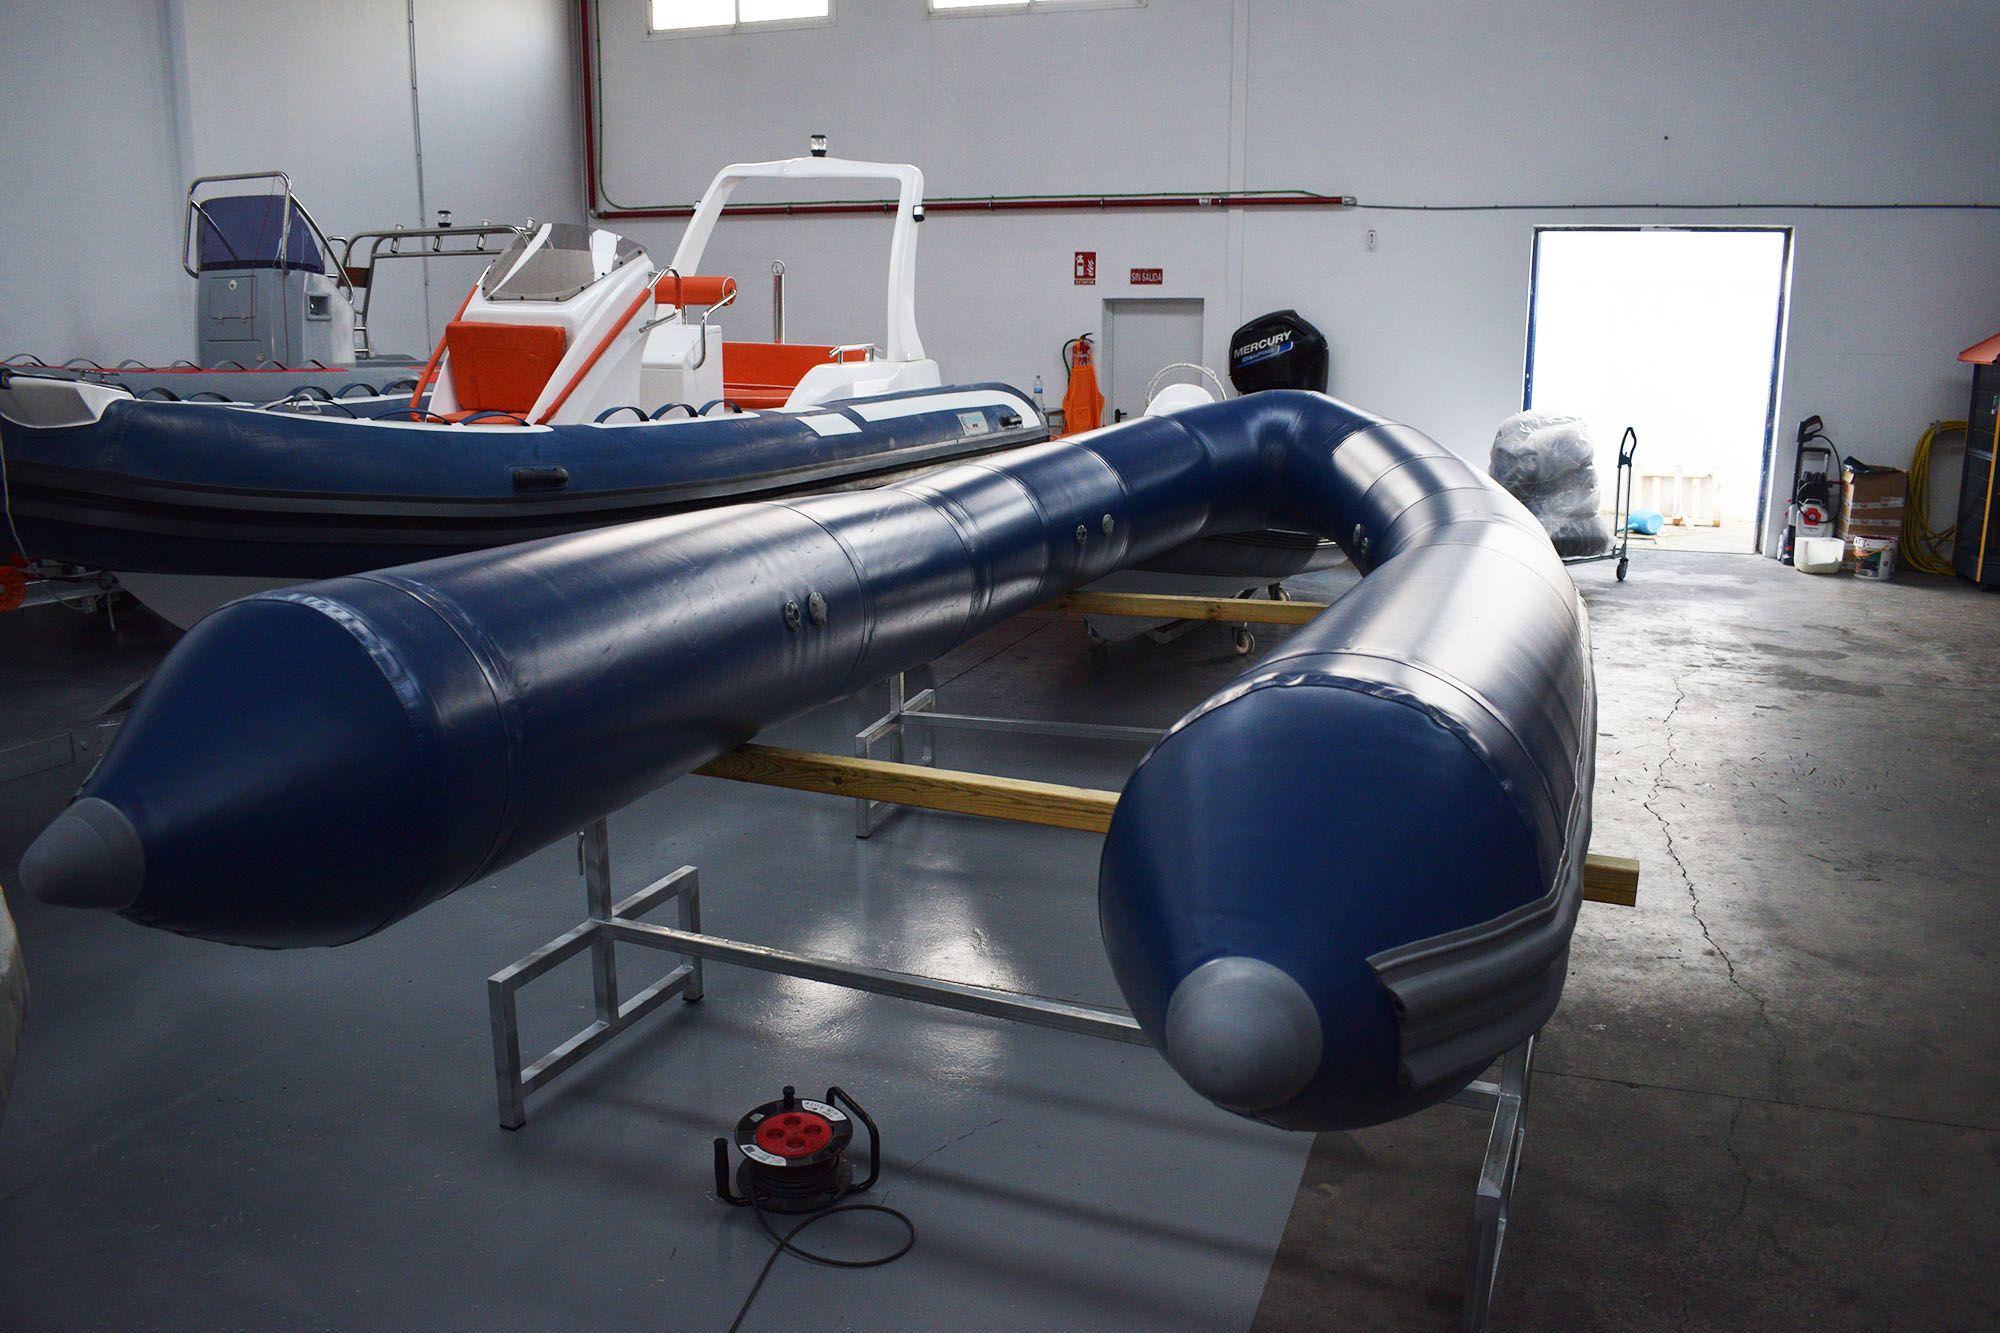 Retubing en una embarcación Duarry Brio 520